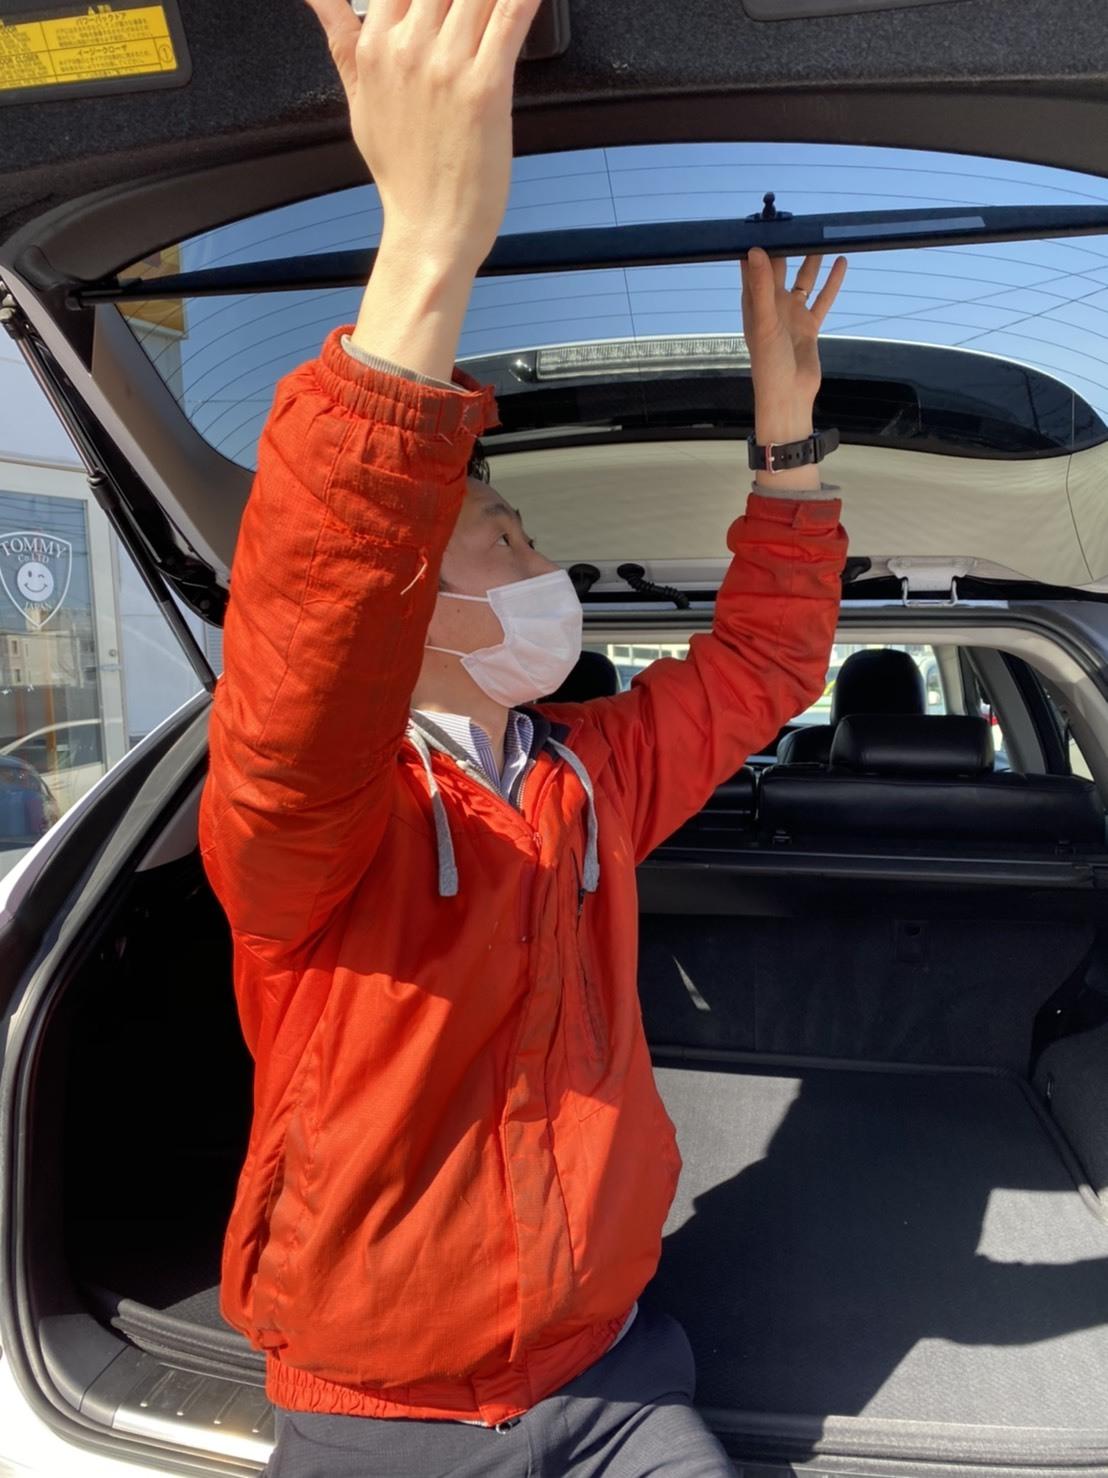 3月31日(火)☆TOMMYアウトレット☆あゆブログ((o´v`o)ノ 3月最終日✨今週も続々新在入荷します✨自社ローン・ローンサポート★_b0127002_17103775.jpg